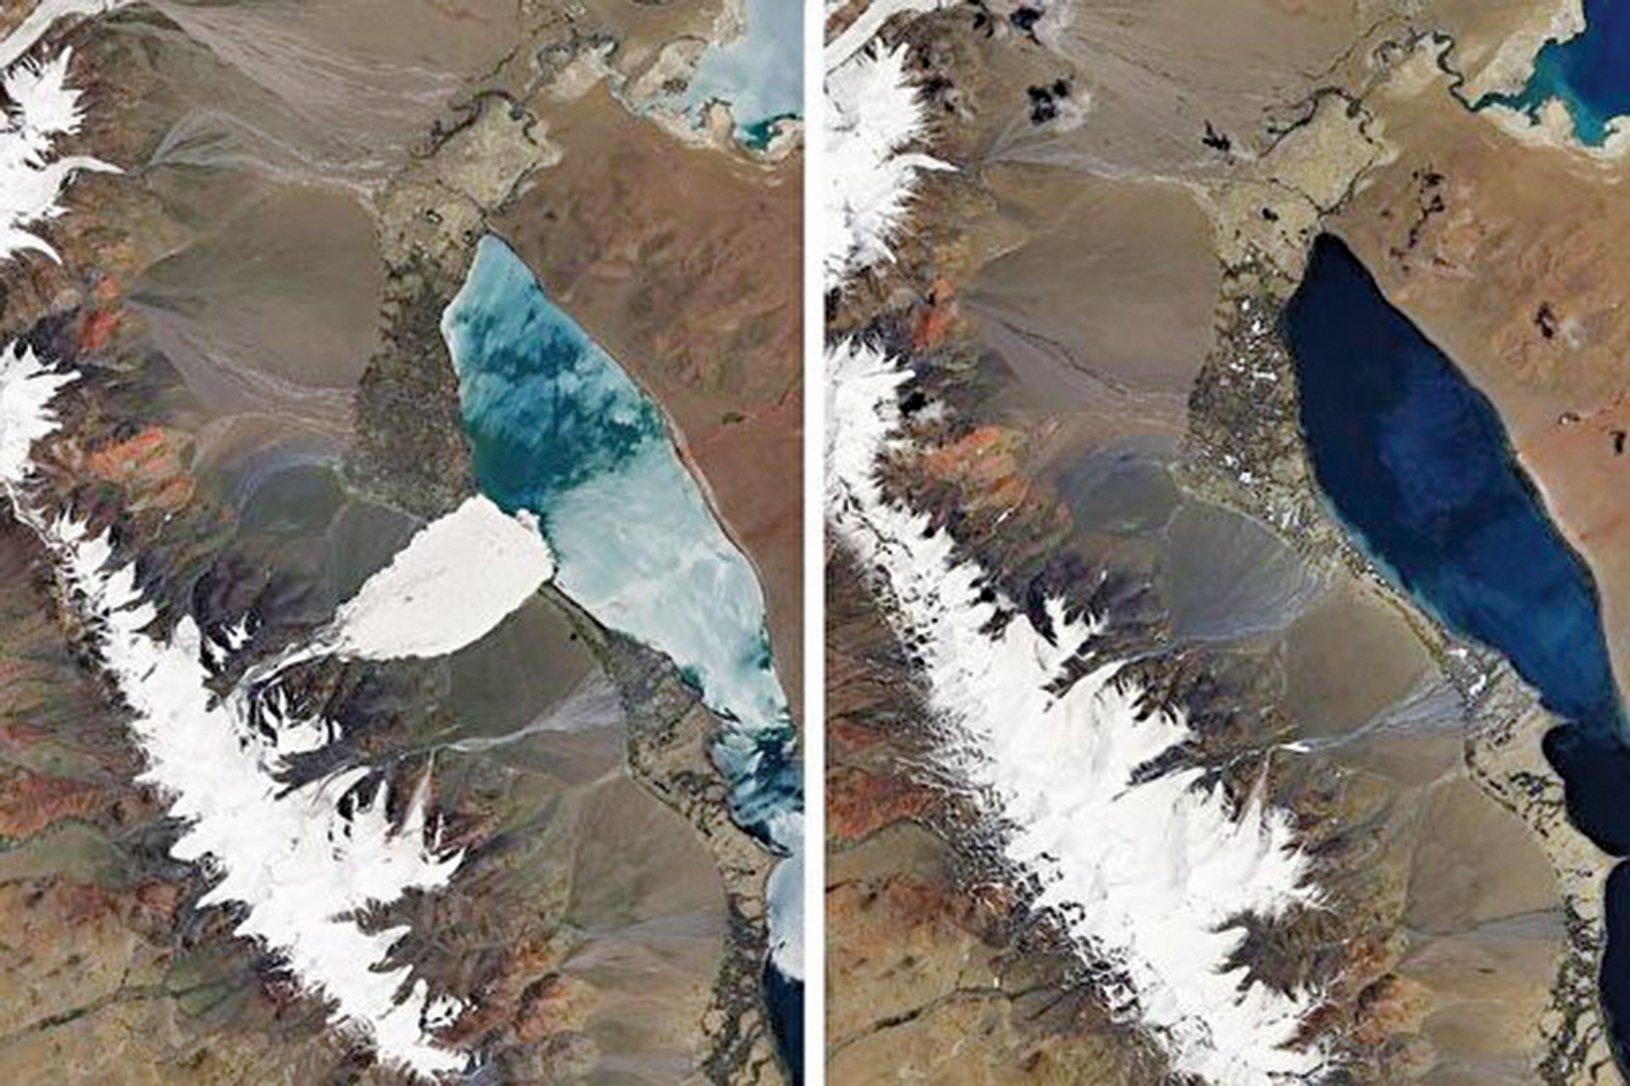 科學家們擔憂,阿里地區的兩次冰崩可能是西藏高原氣溫上升後一系列災害的開始。圖左是2016年7月的衛星圖像,表明其中一次雪崩的後果。圖右攝於2016年6月,是兩次冰川崩塌前的情景。(NASA EARTH OBSERVATORY)